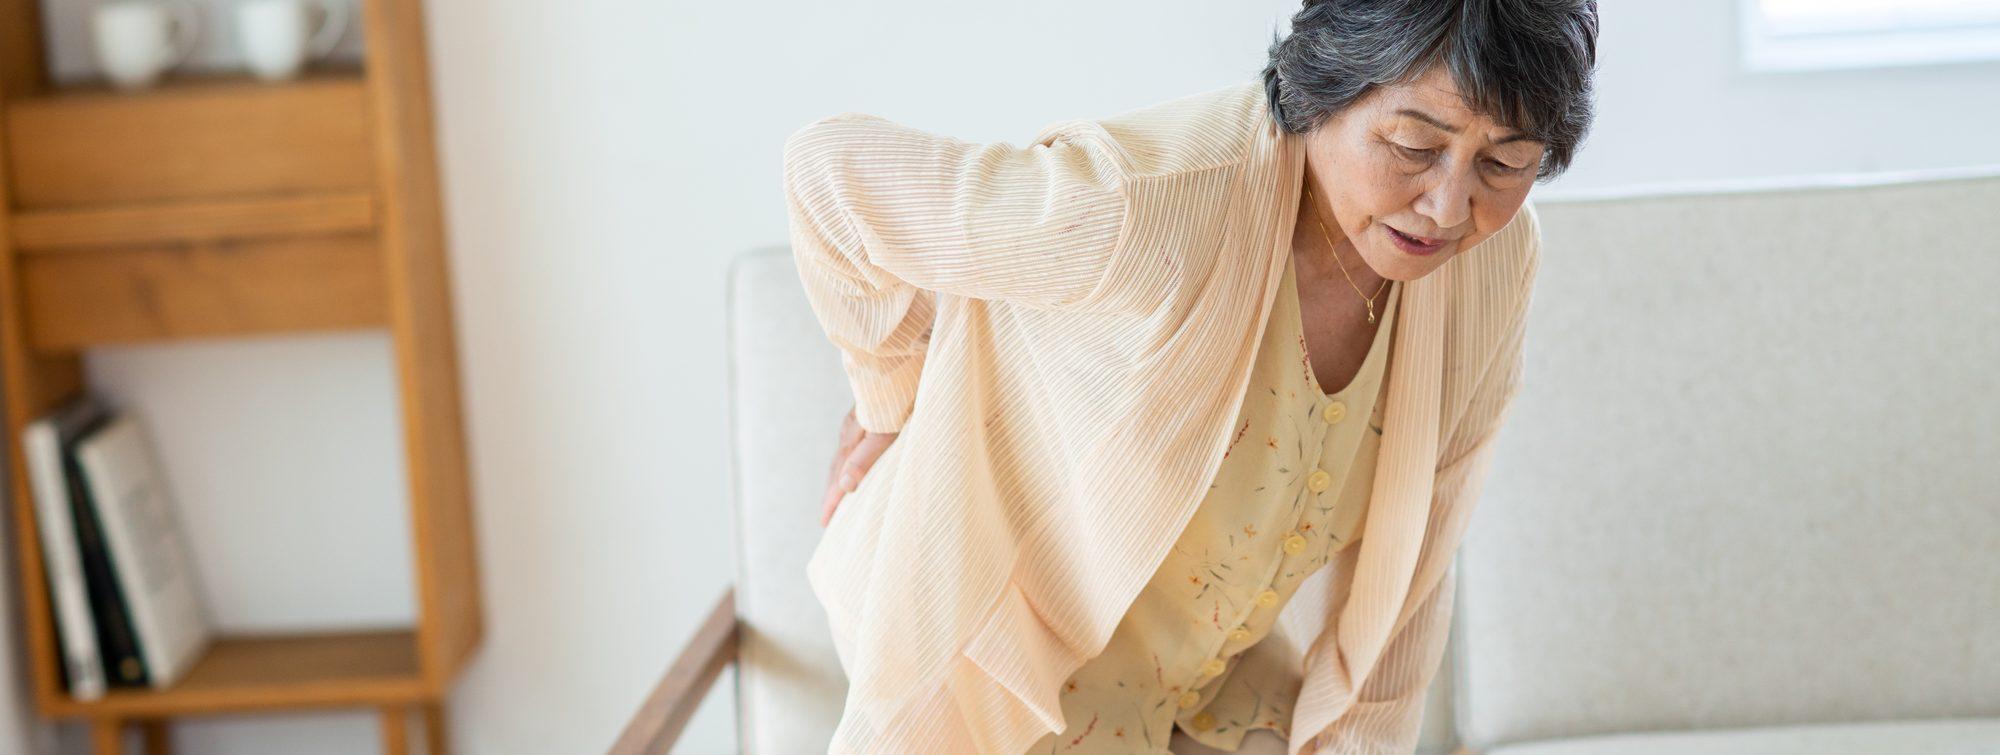 骨粗しょう症|盛岡市で骨粗しょう症の検査・治療は当院へ